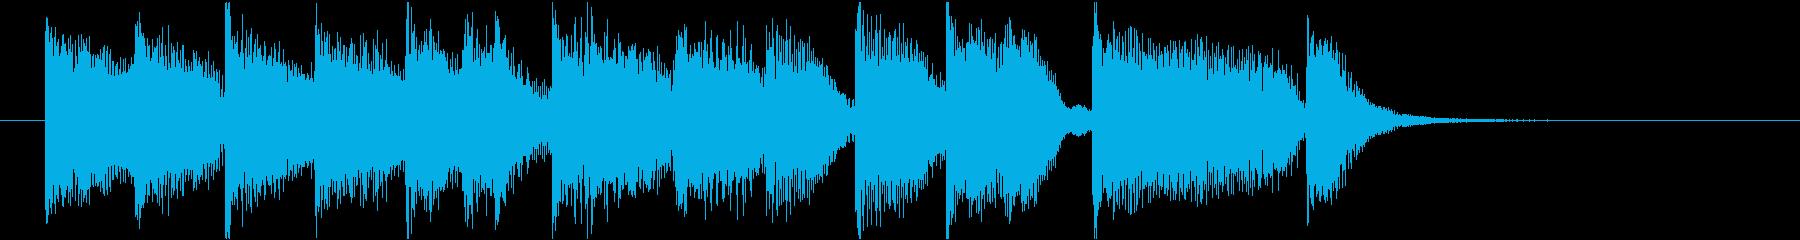 コミカルなピアノジングルの再生済みの波形